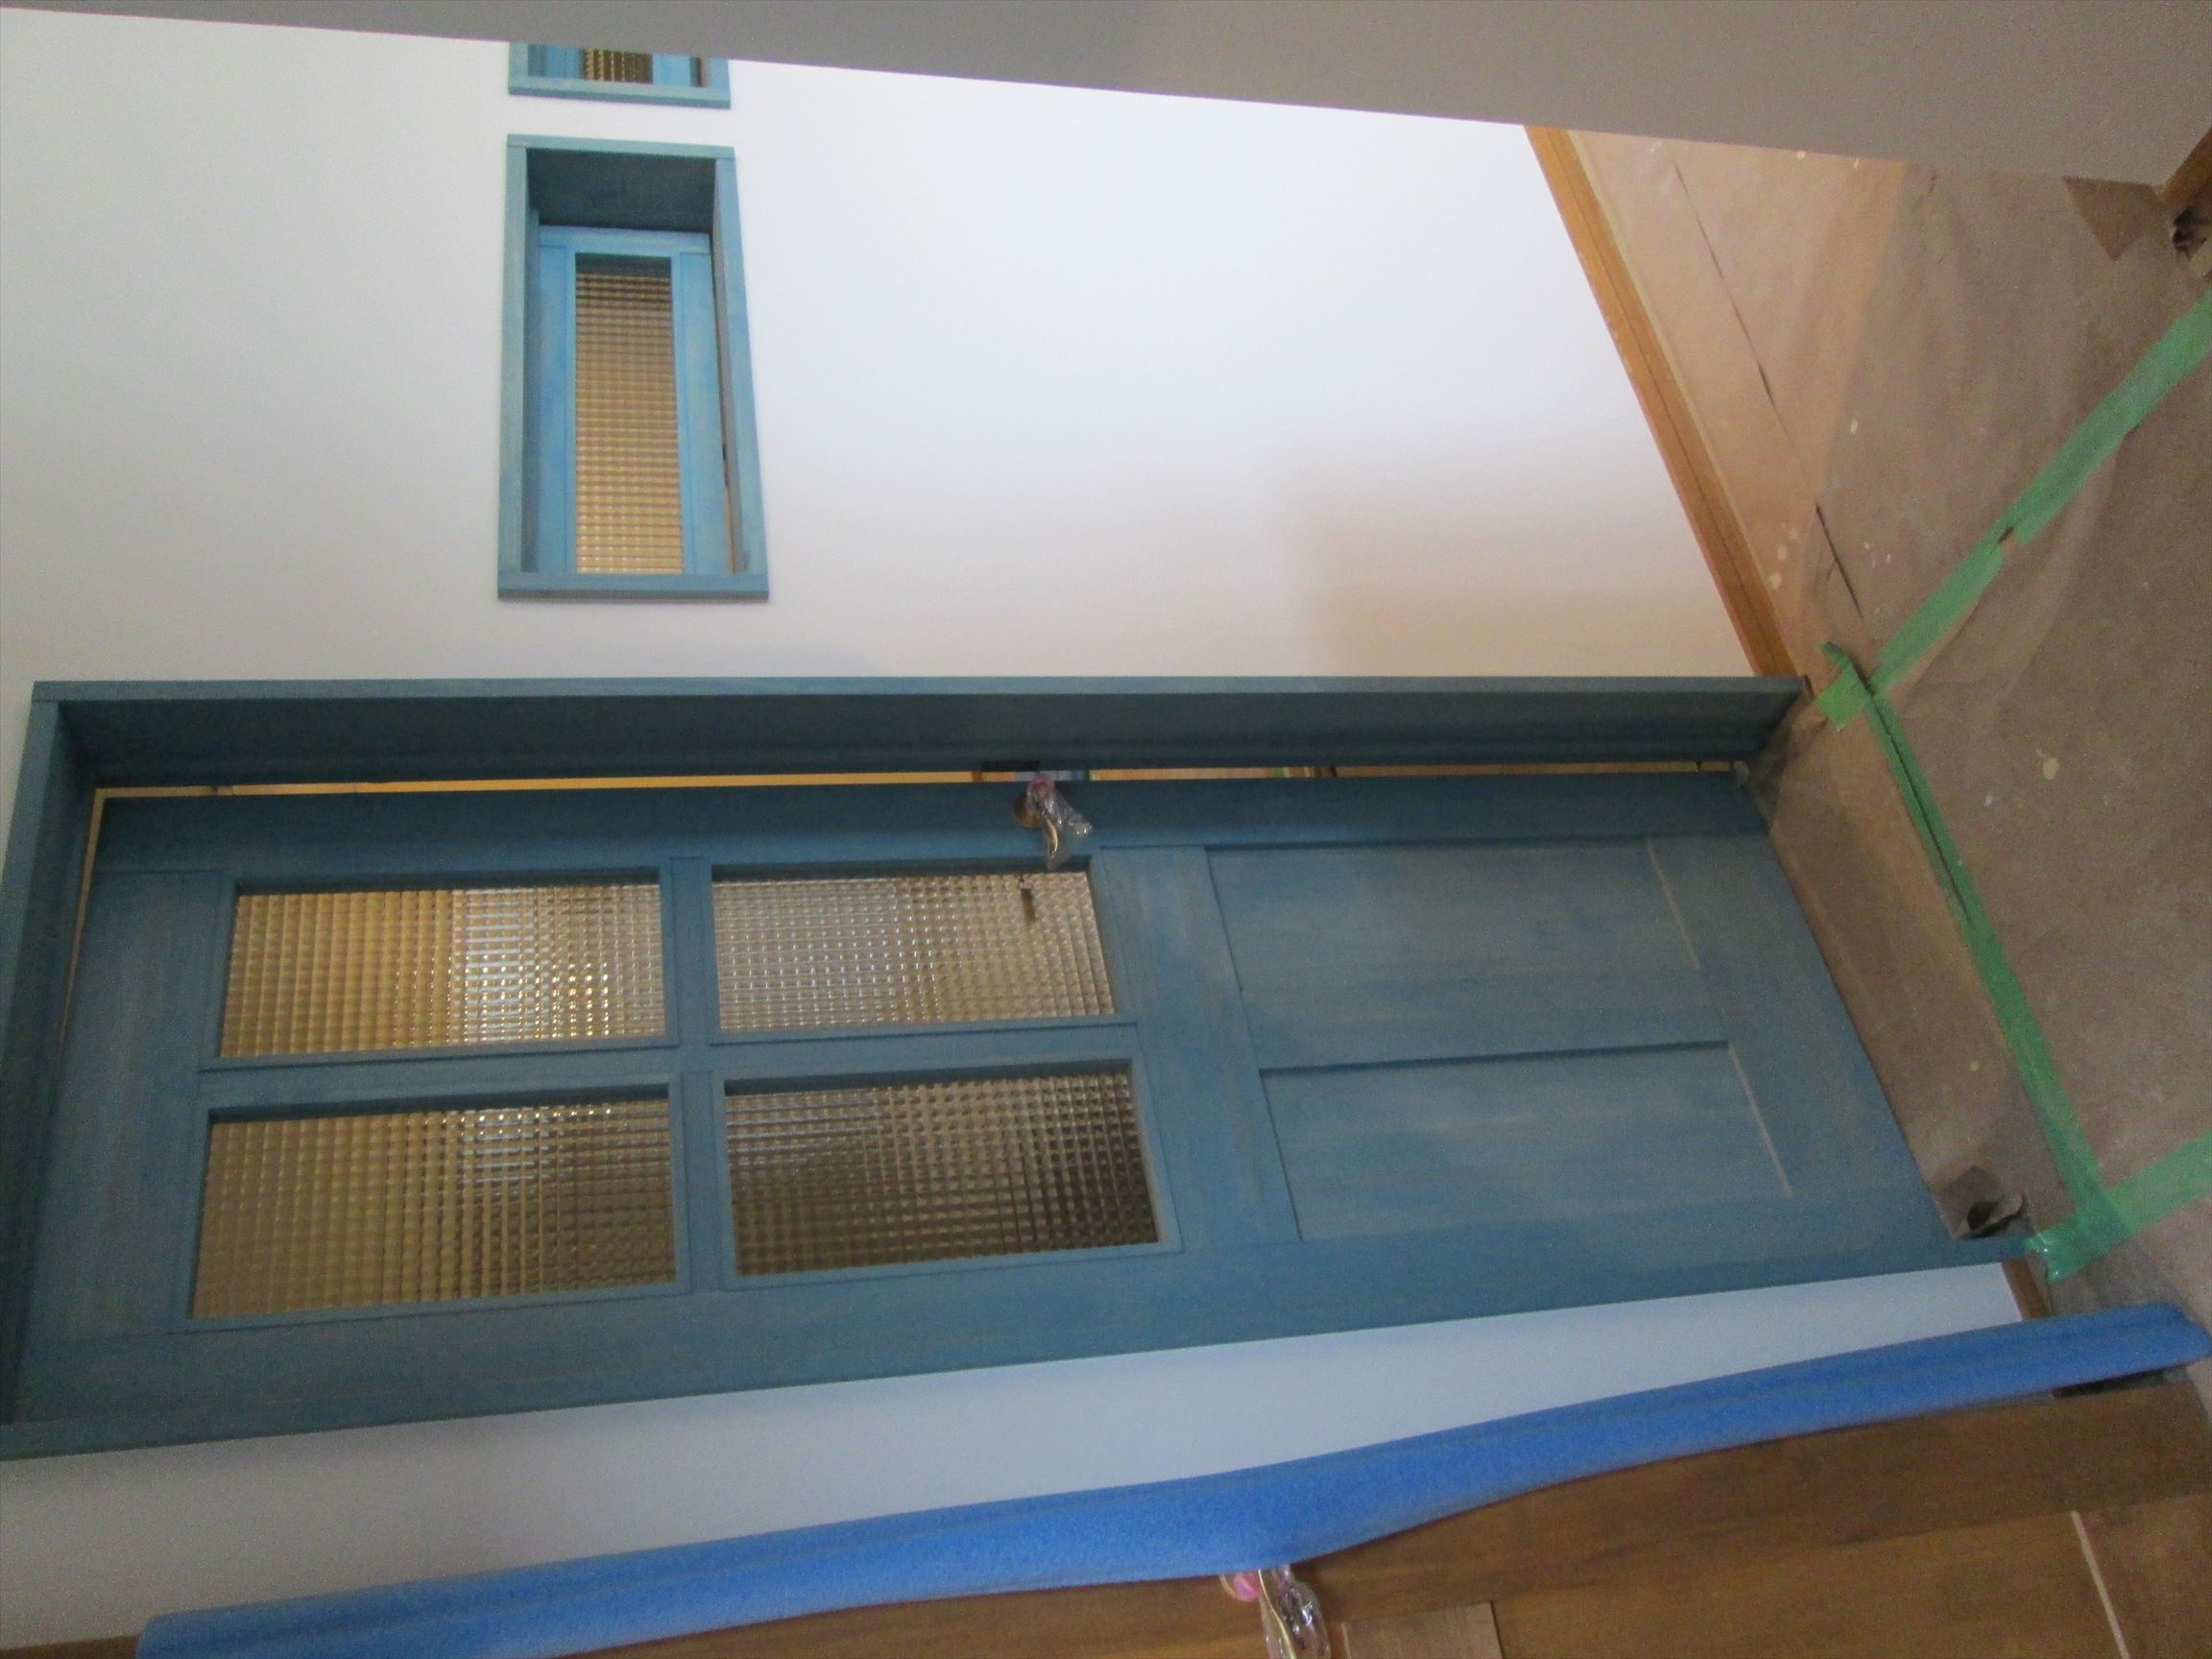 ターコイズブルーの建具と内窓&ナチュラルオークの建具がカワイイ♪